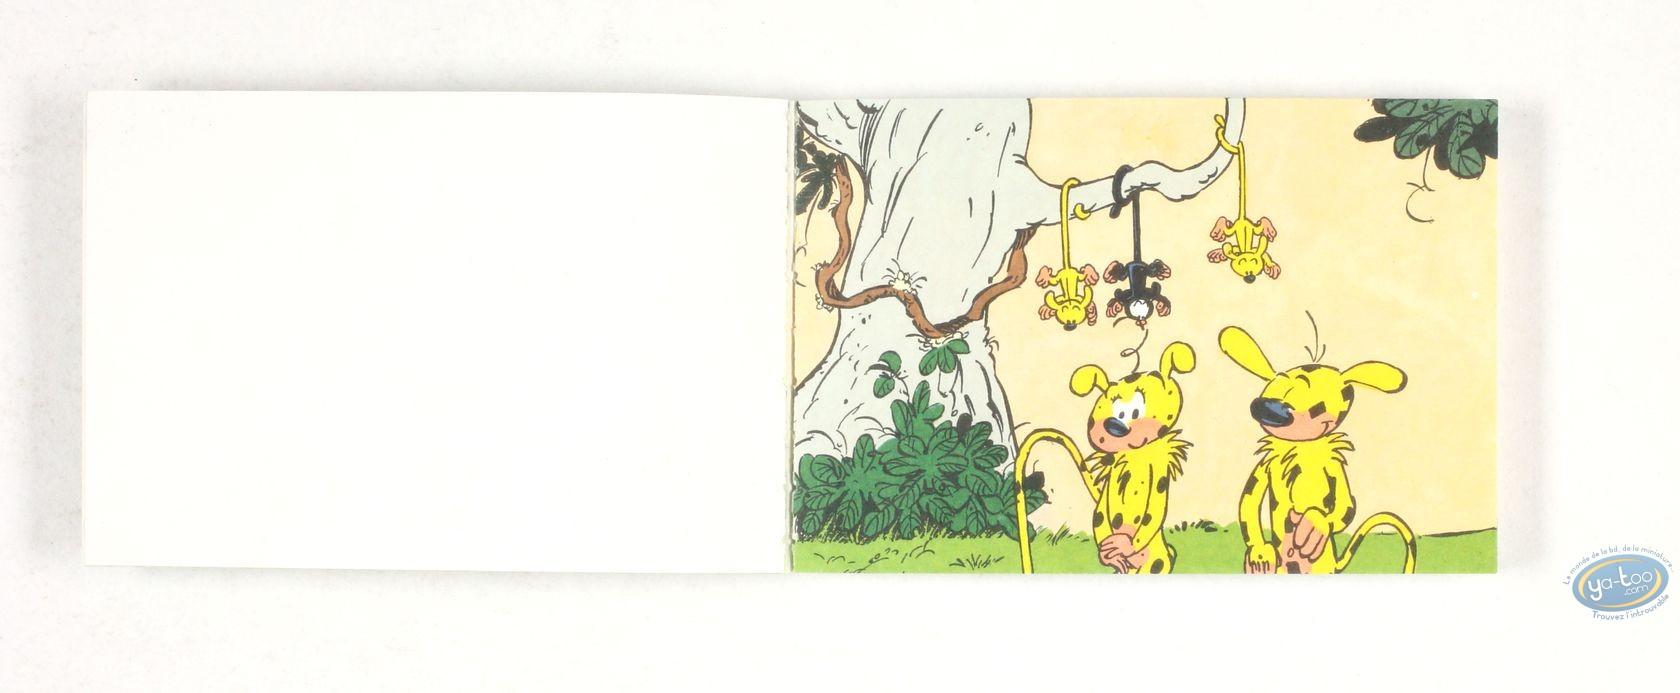 BD prix mini, Marsupilami (Le) : Flip book, Marsupilami Mini movie N°1